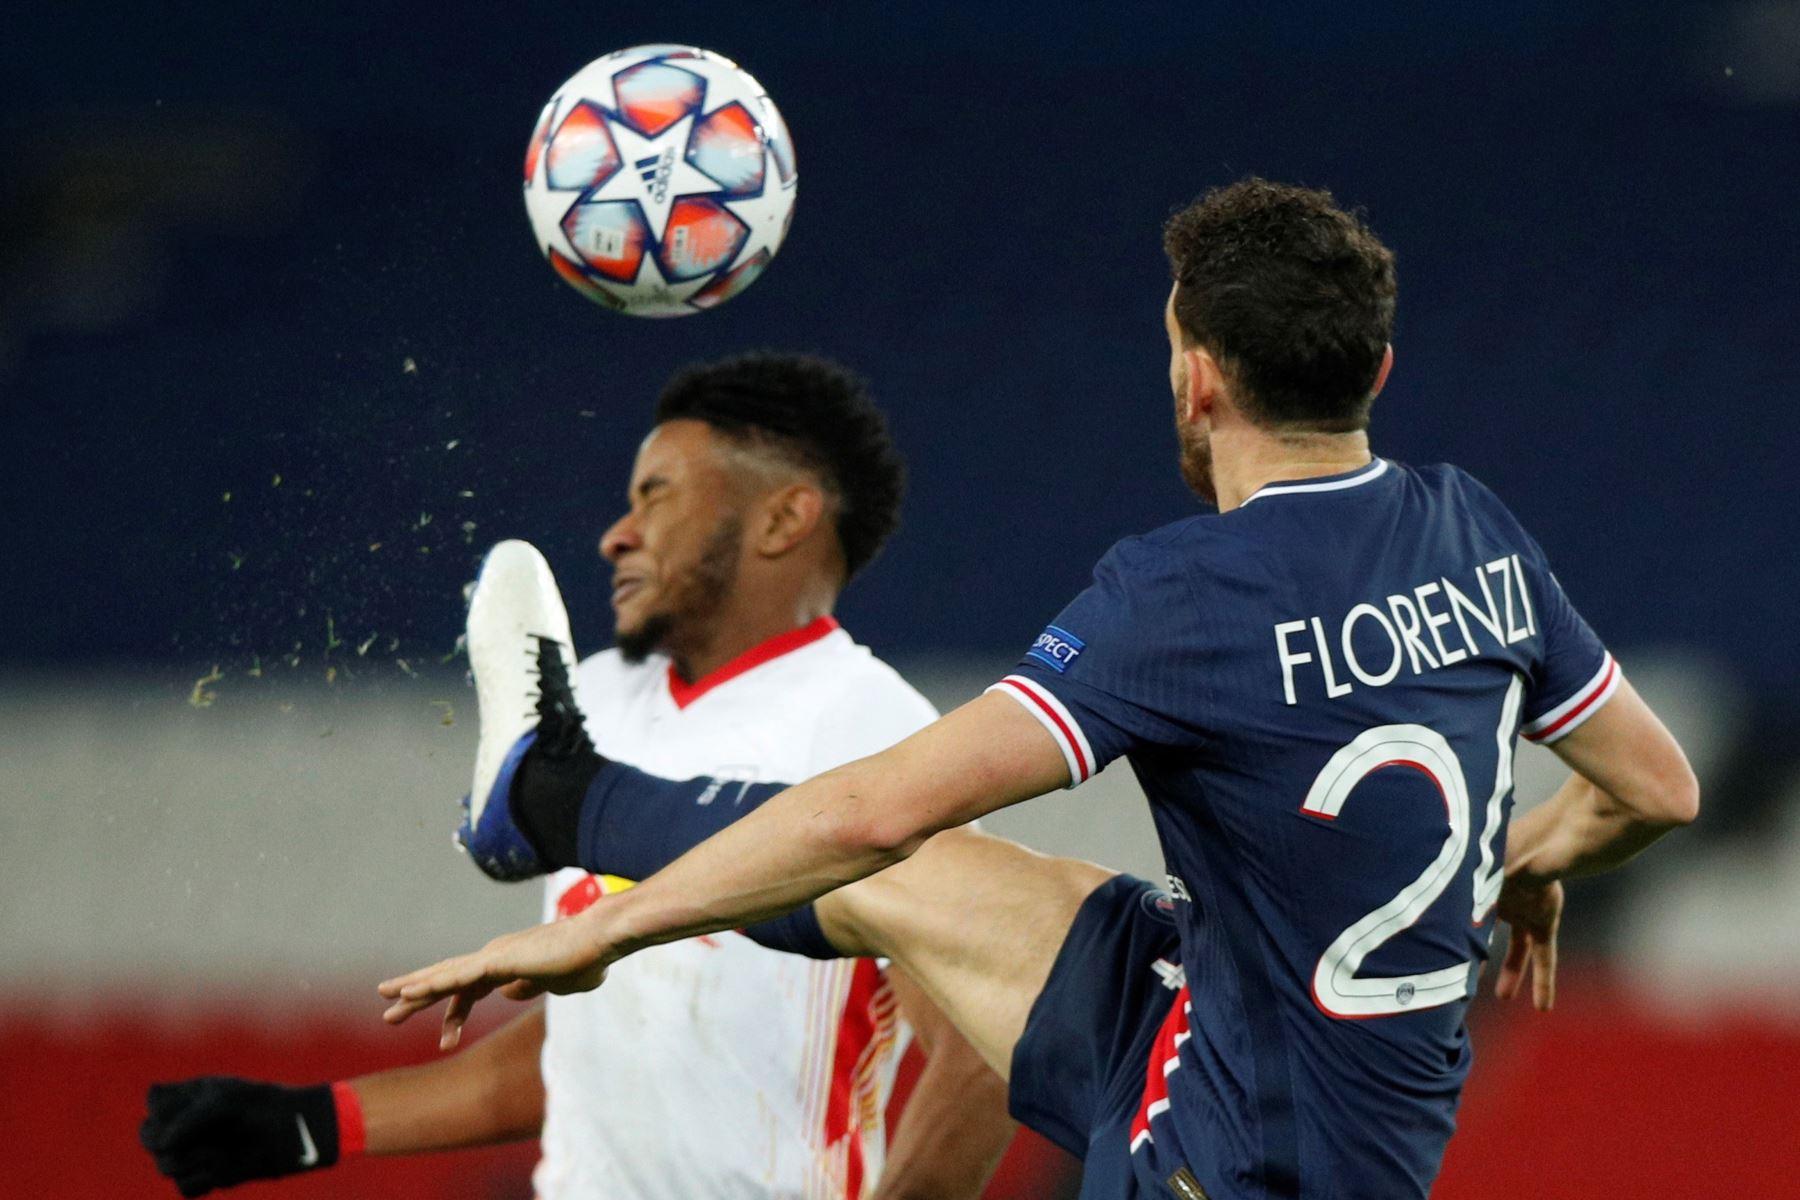 Alessandro Florenzi del PSG en acción contra Christopher Nkunku de Leipzig durante el partido de fútbol del Grupo H de la Liga de Campeones de la UEFA. Foto: EFE